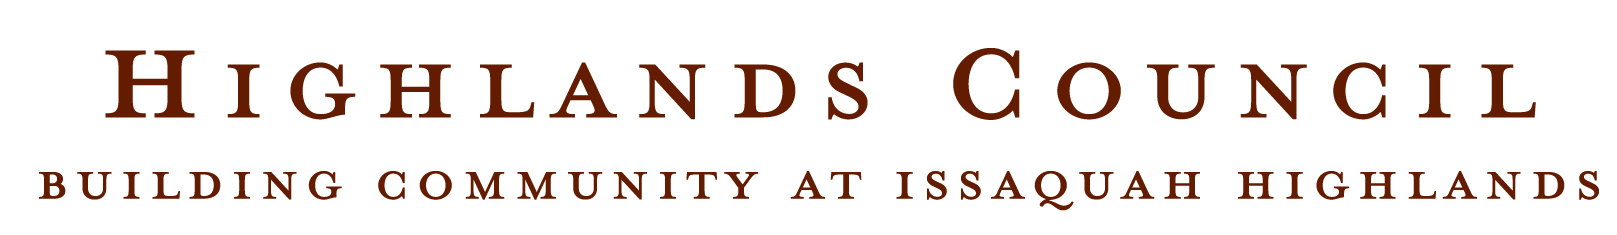 Highlands Council logo